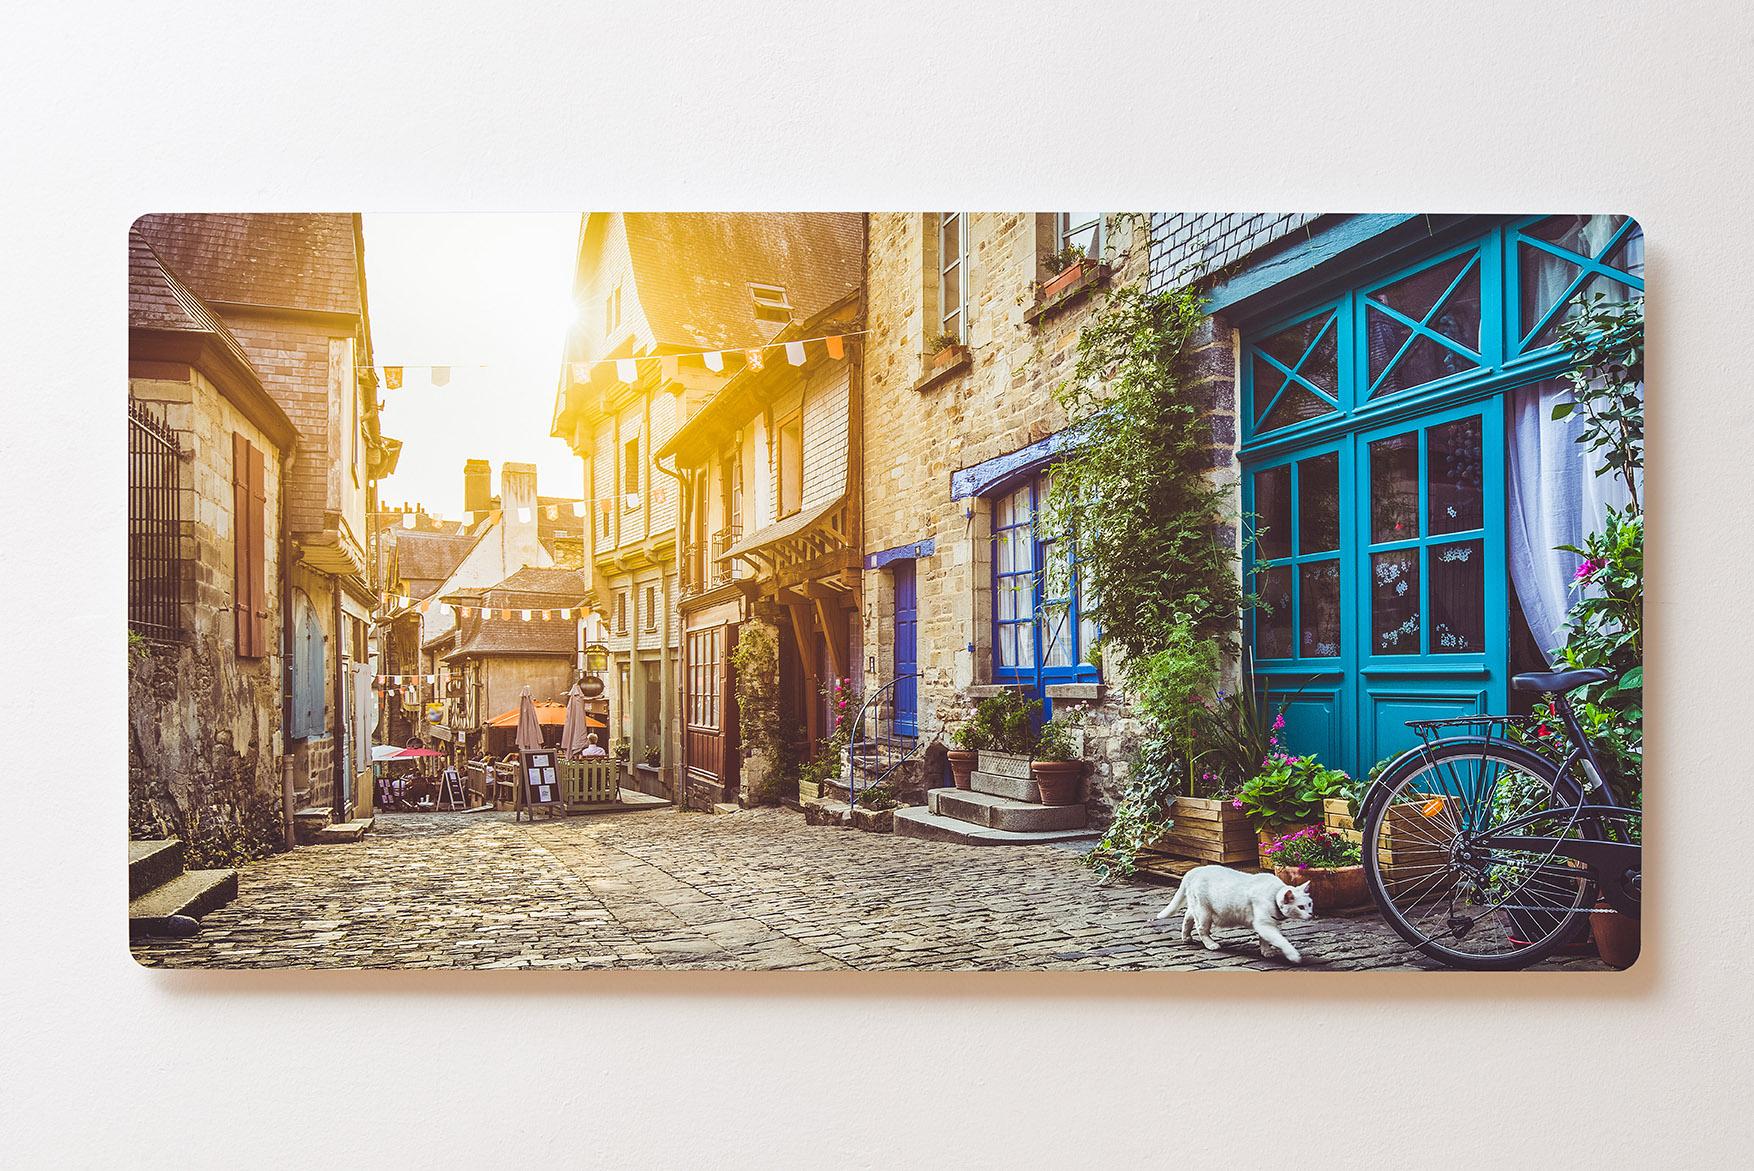 Magnettafel BACKLIGHT 120x60cm Motiv-Wandbild M120 Abstrakt Katze